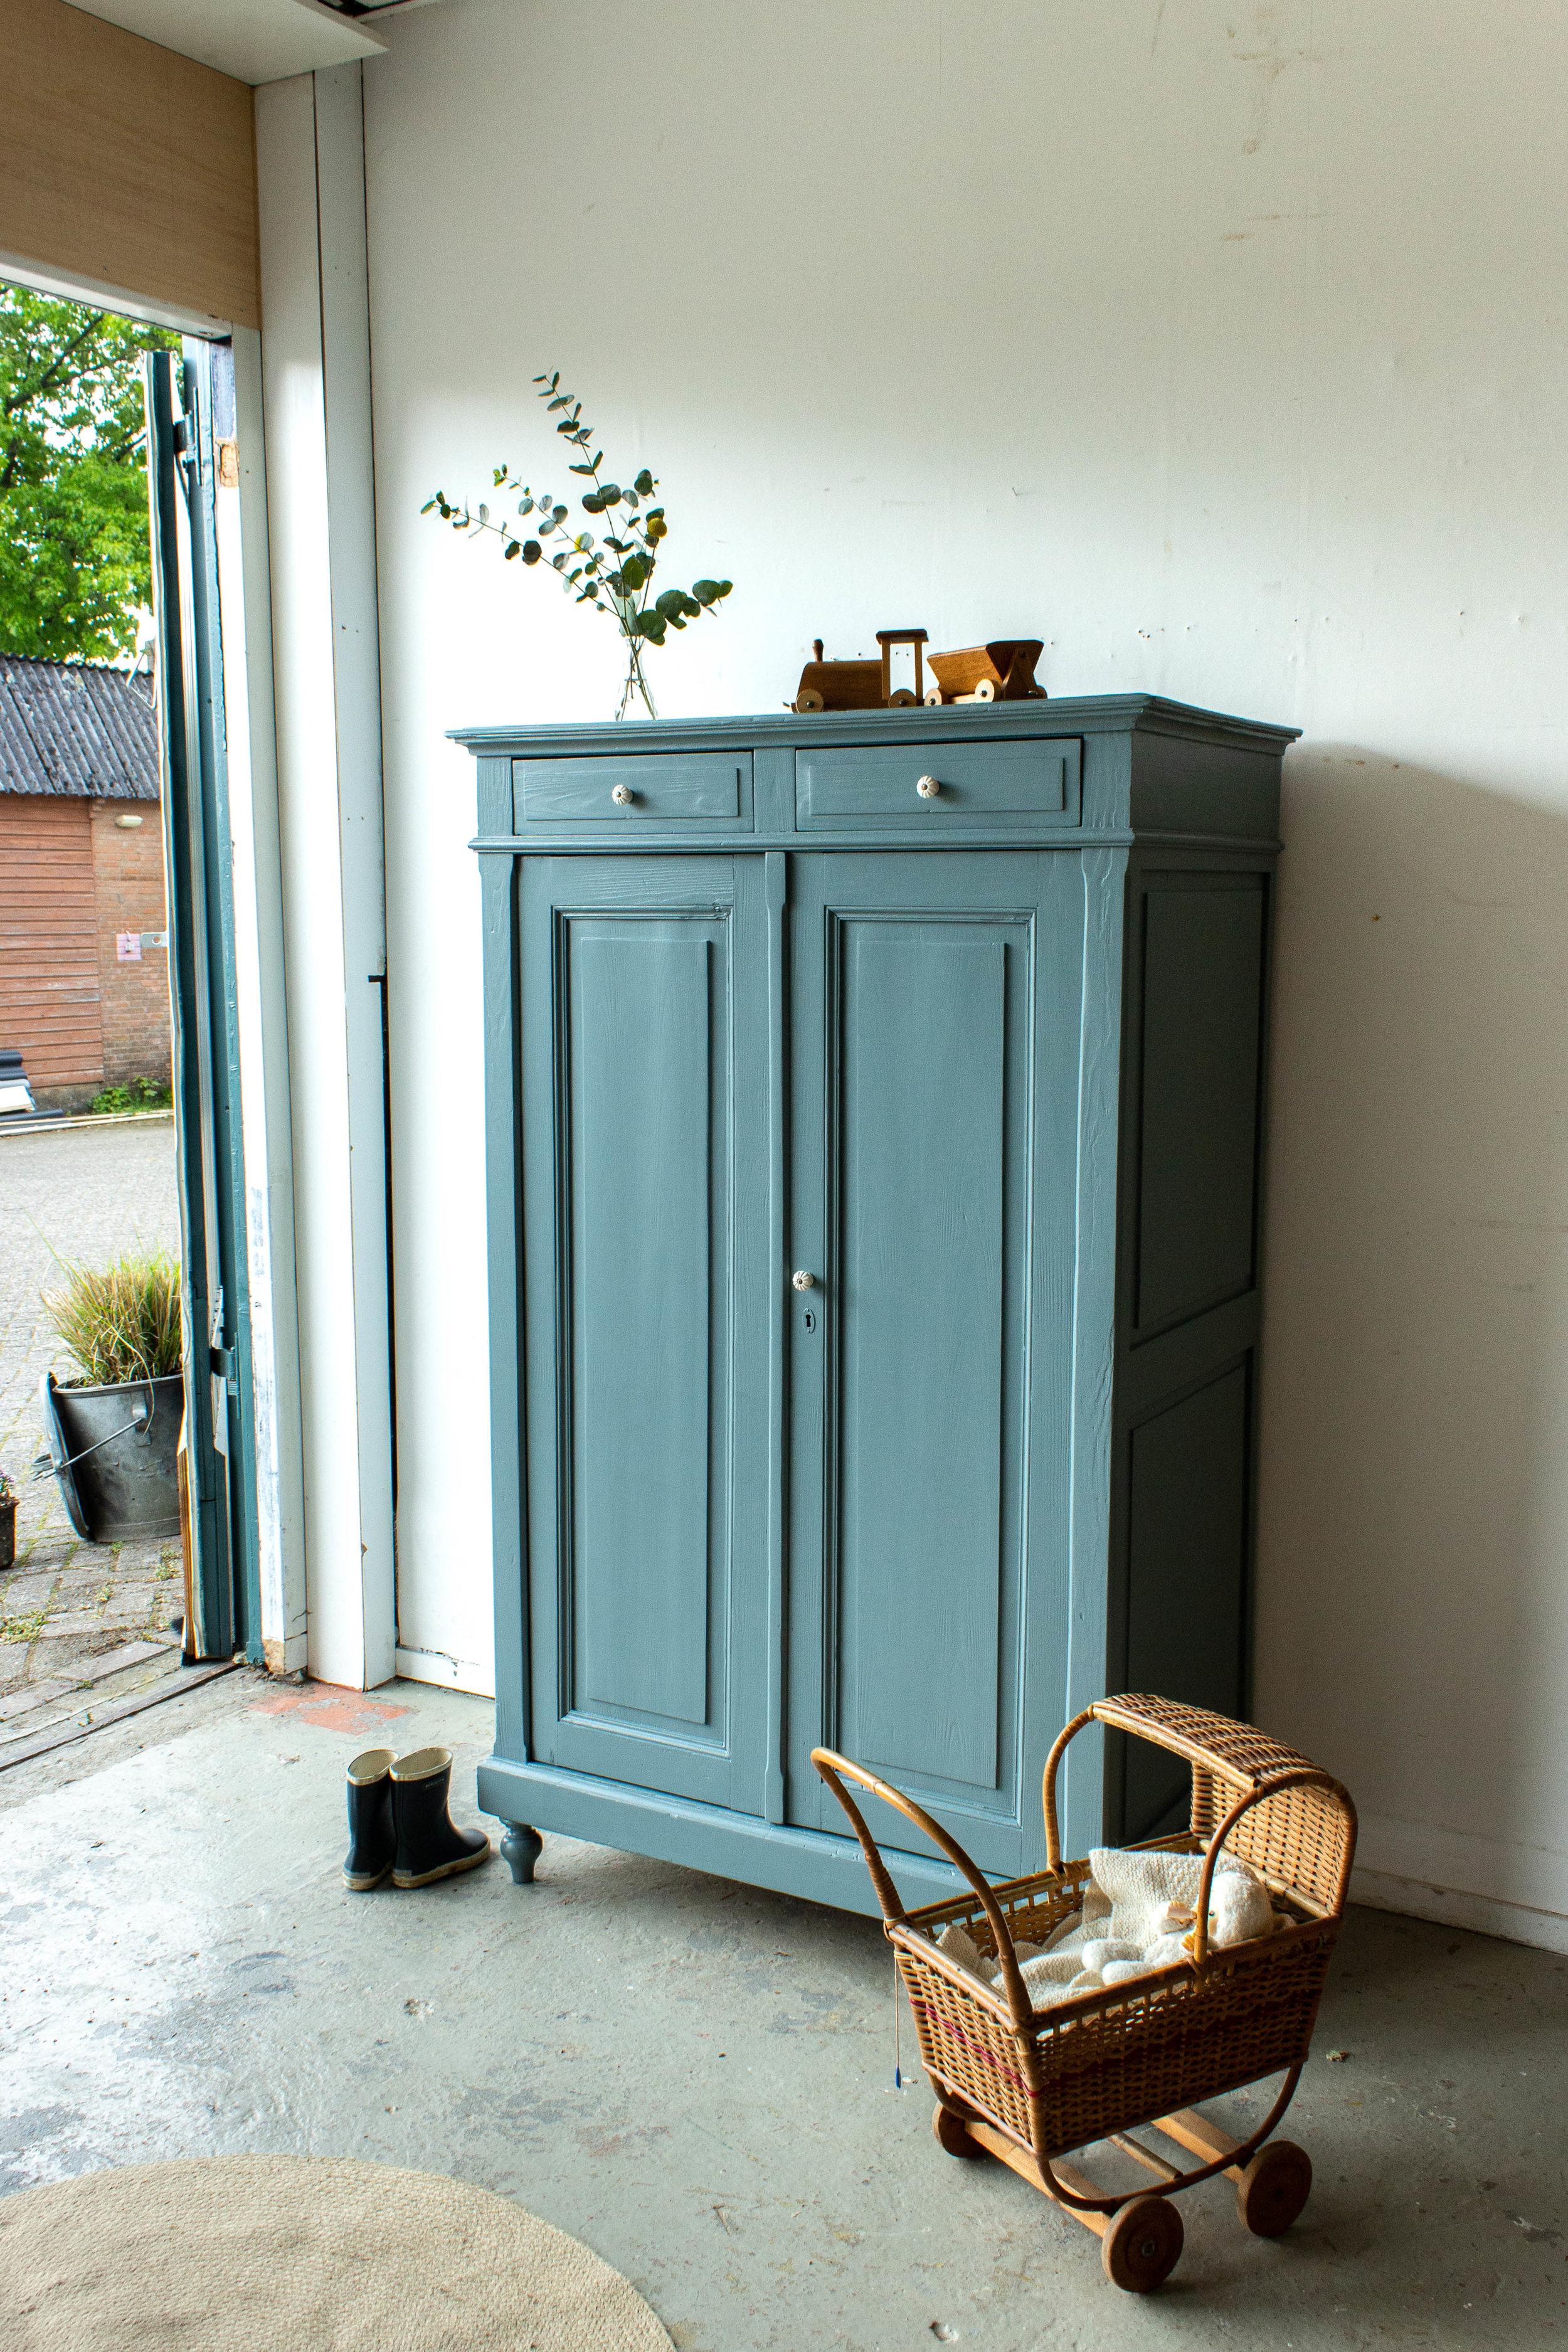 1491 - Grijsblauwe vintage meidenkast.jpg